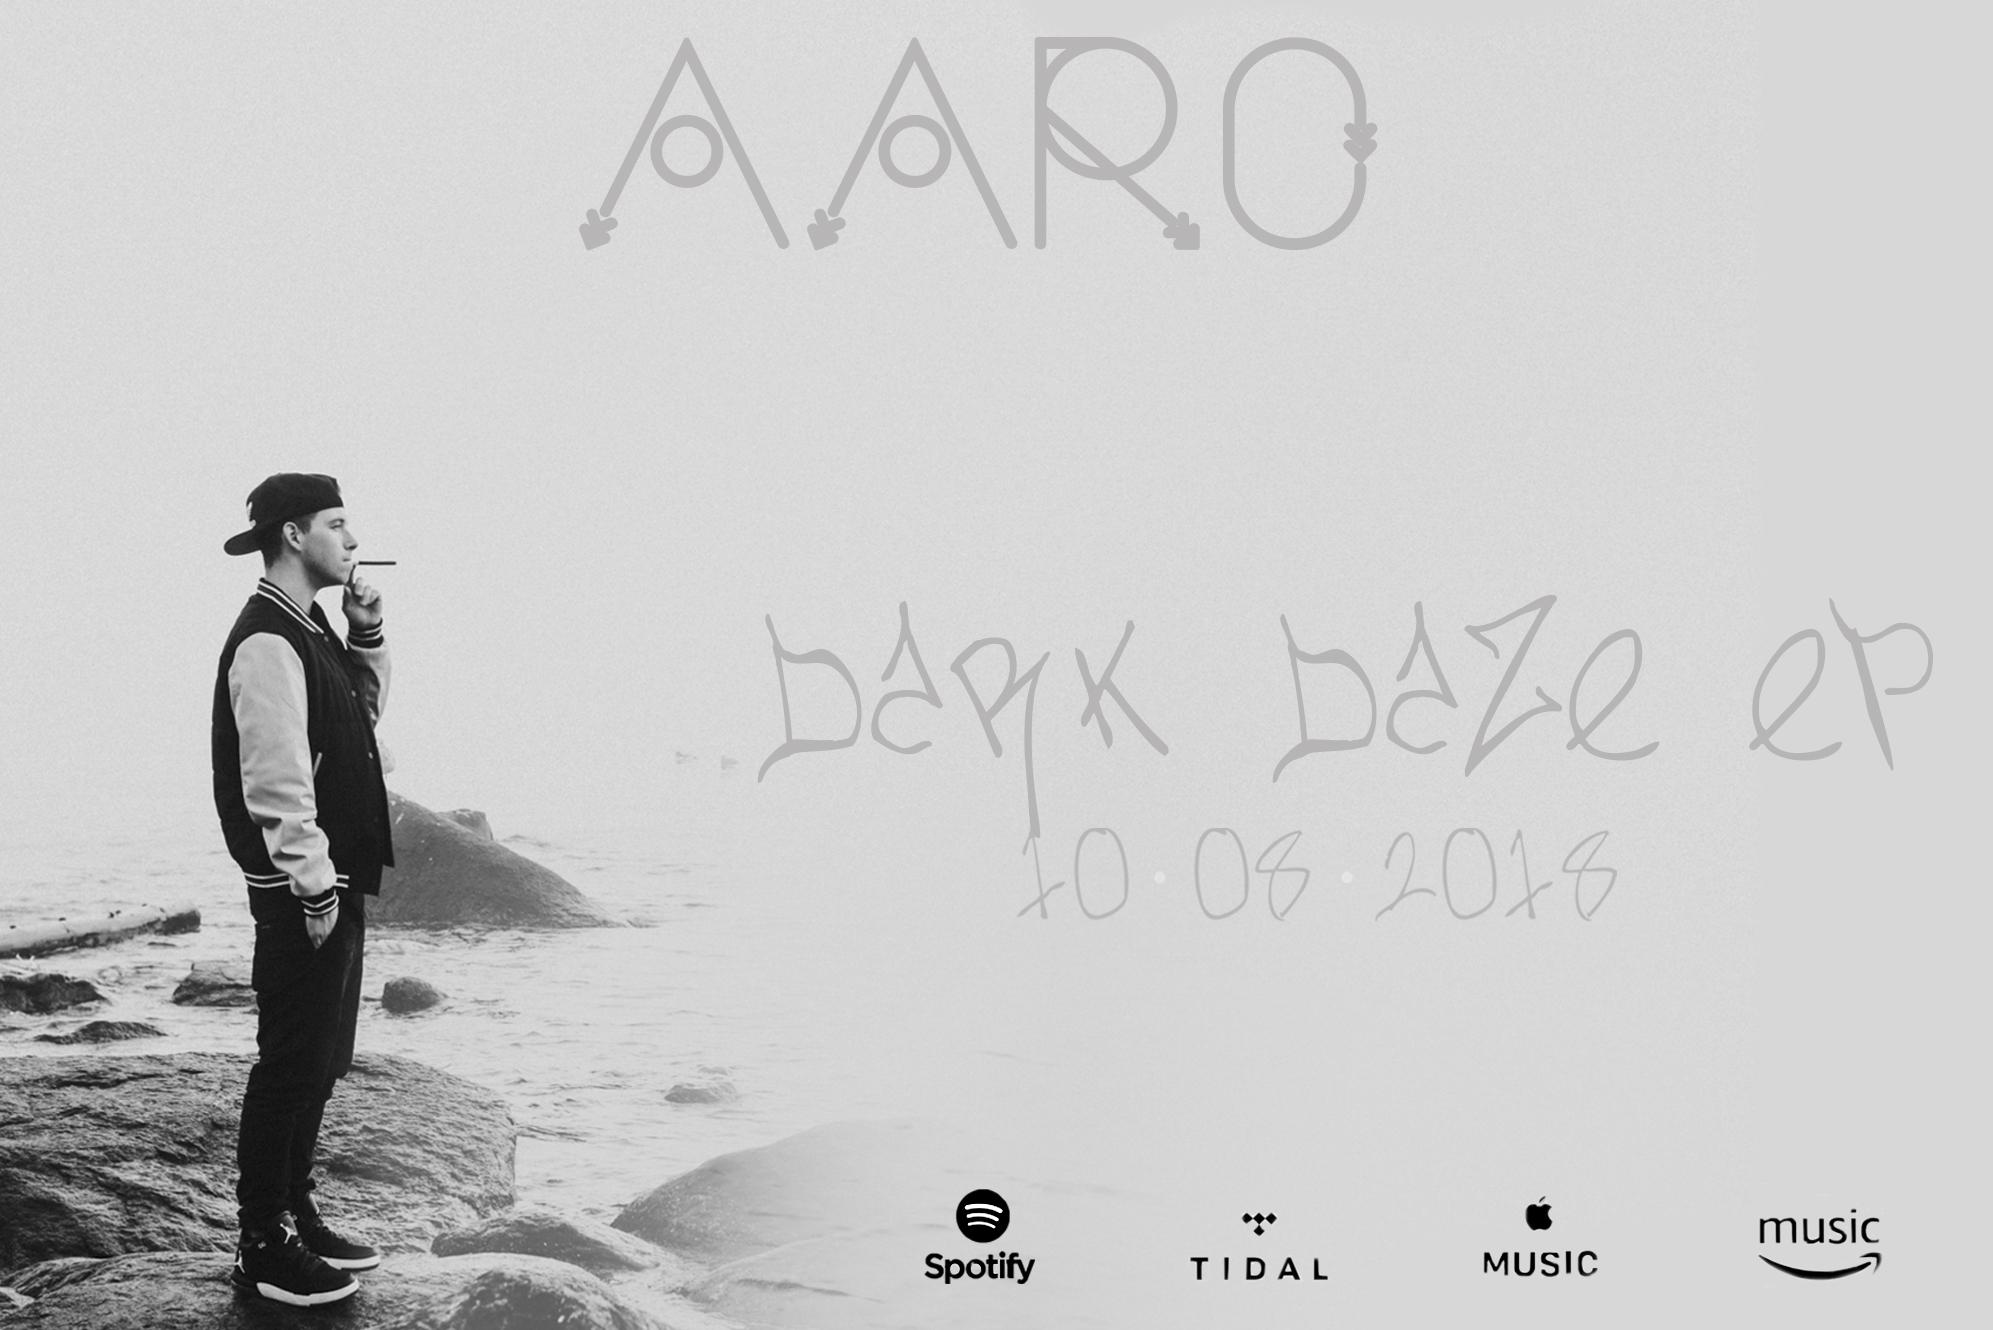 DarkDazeEP_AD_ii.jpg